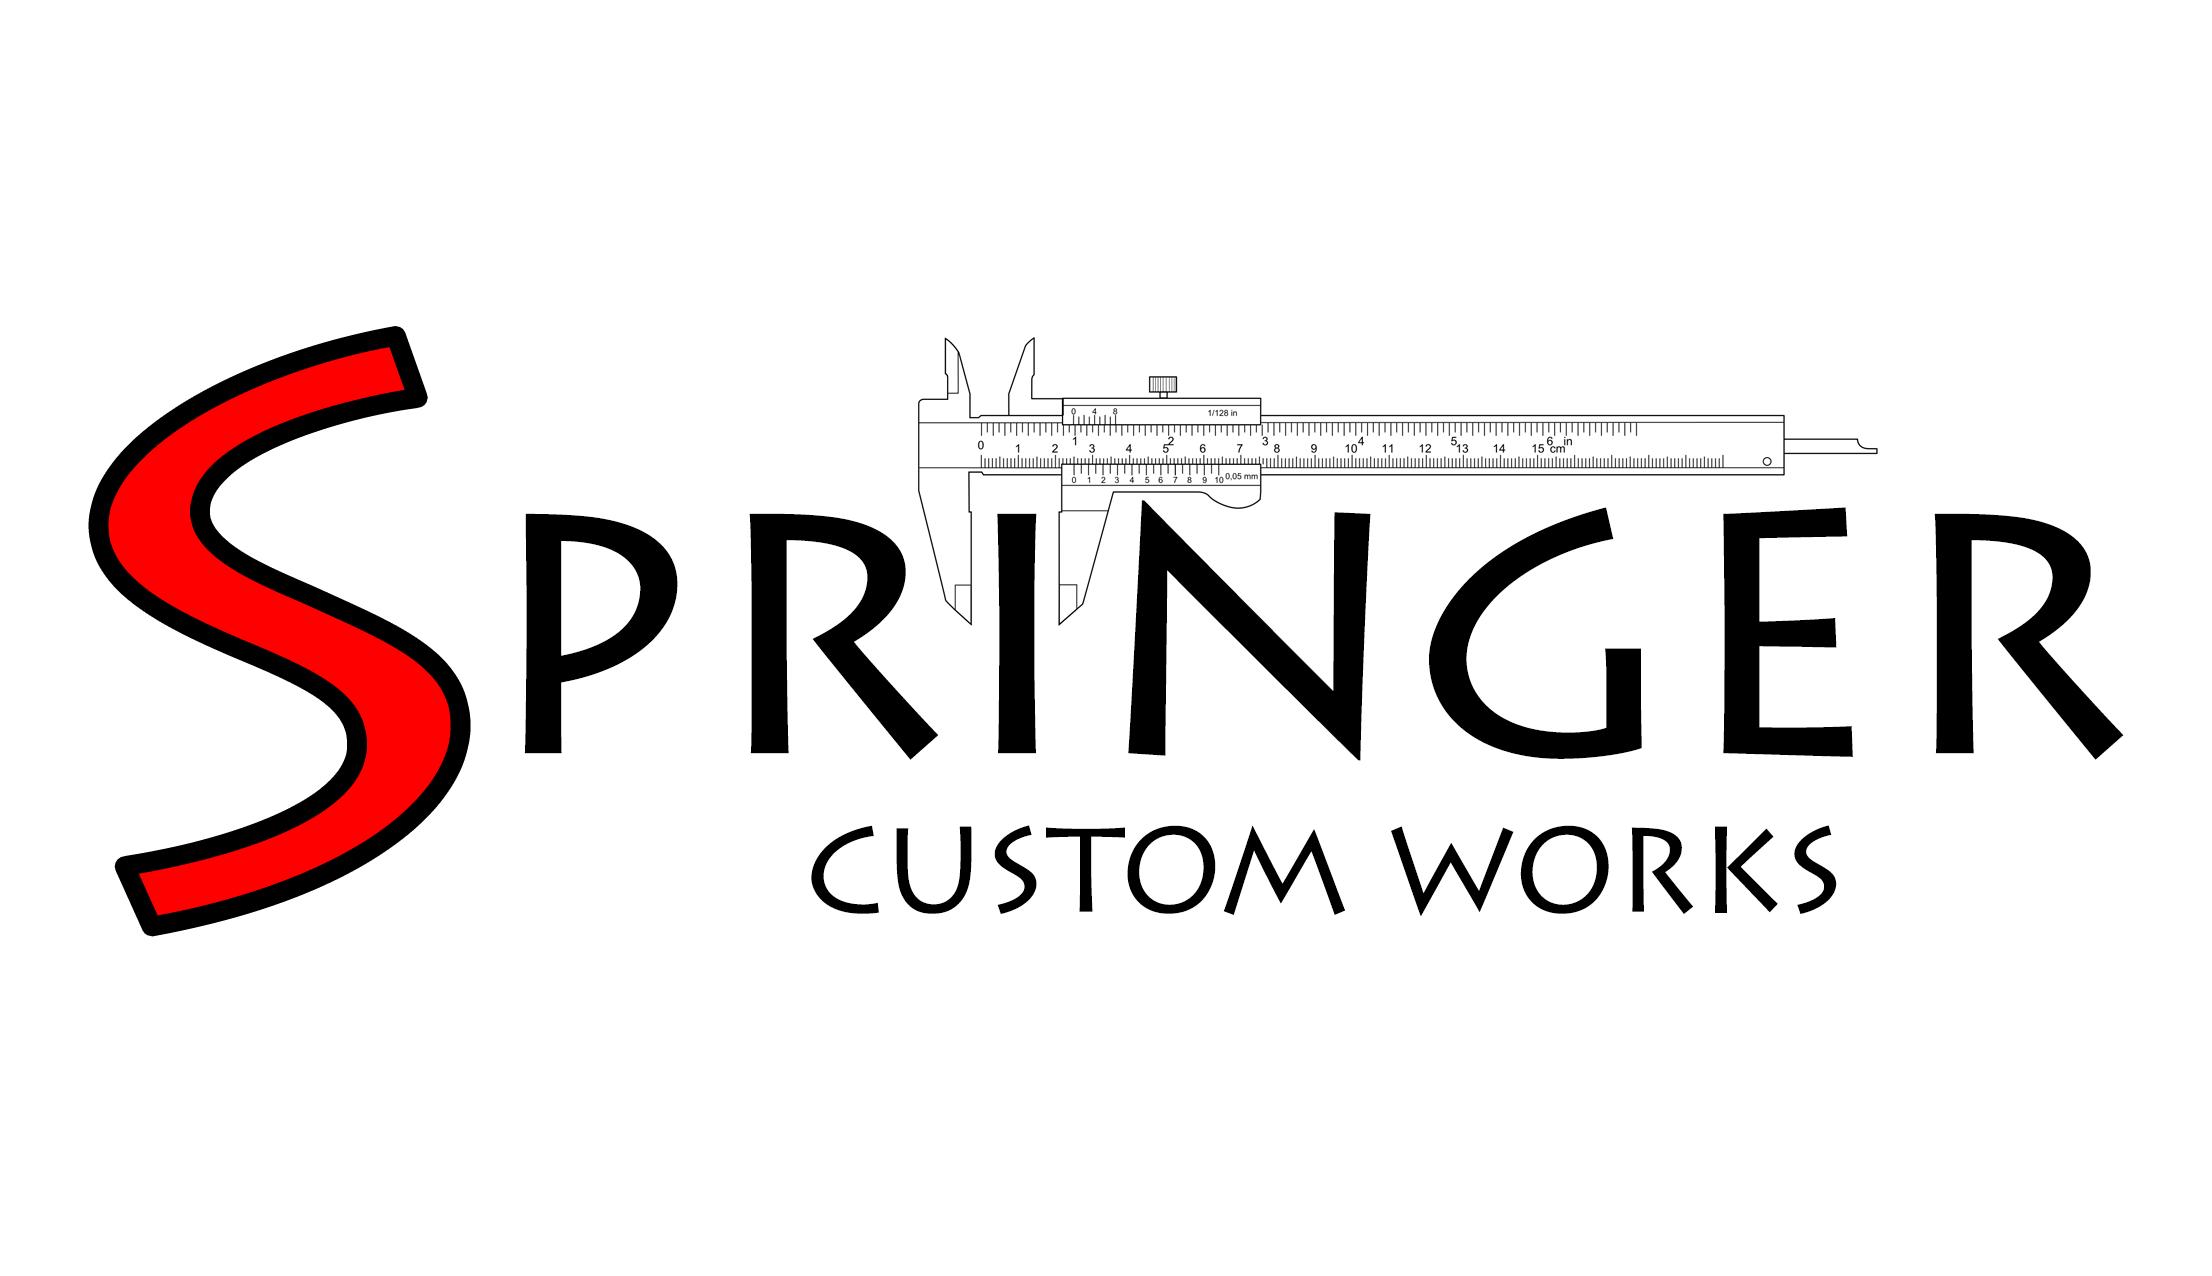 Springer Custom Works